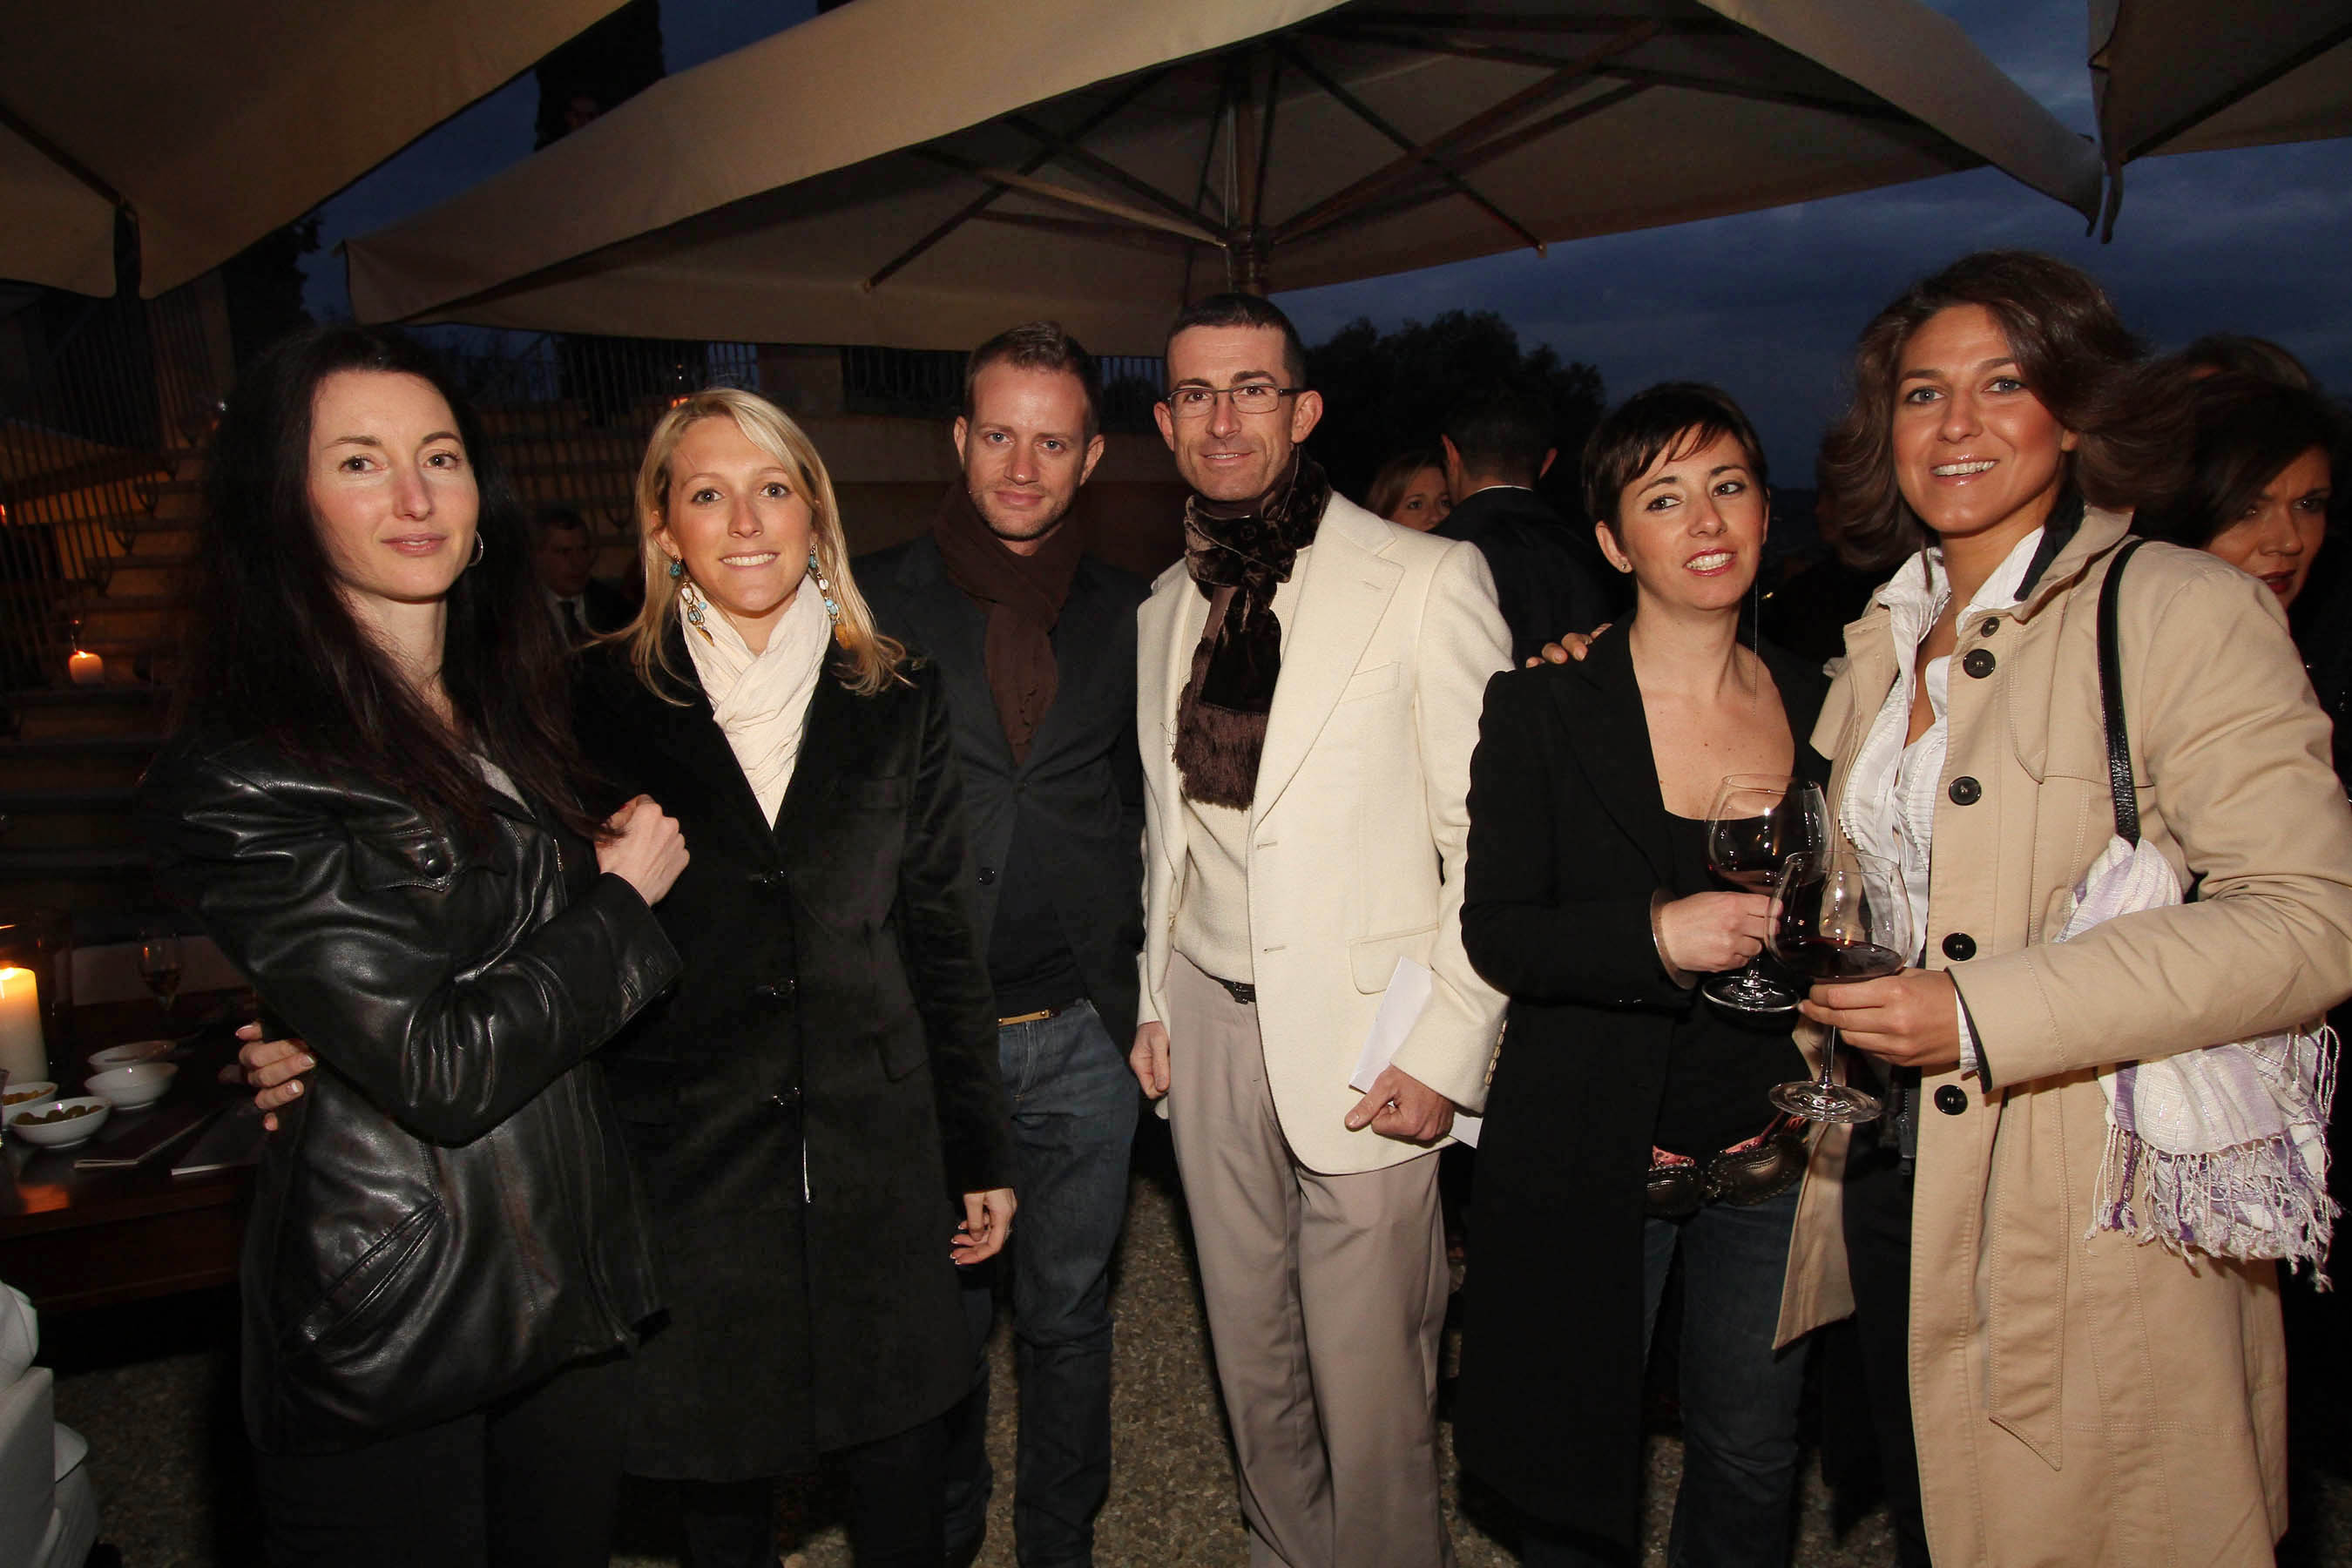 PRESSPHOTO Firenze, festa Firenze Magazine. Nella foto Giulia Bazzani, Donatella Vandelli, Francesco Baroncelli, Stefano Buonoconto, Giulia Marcucci e Gemma Magrini